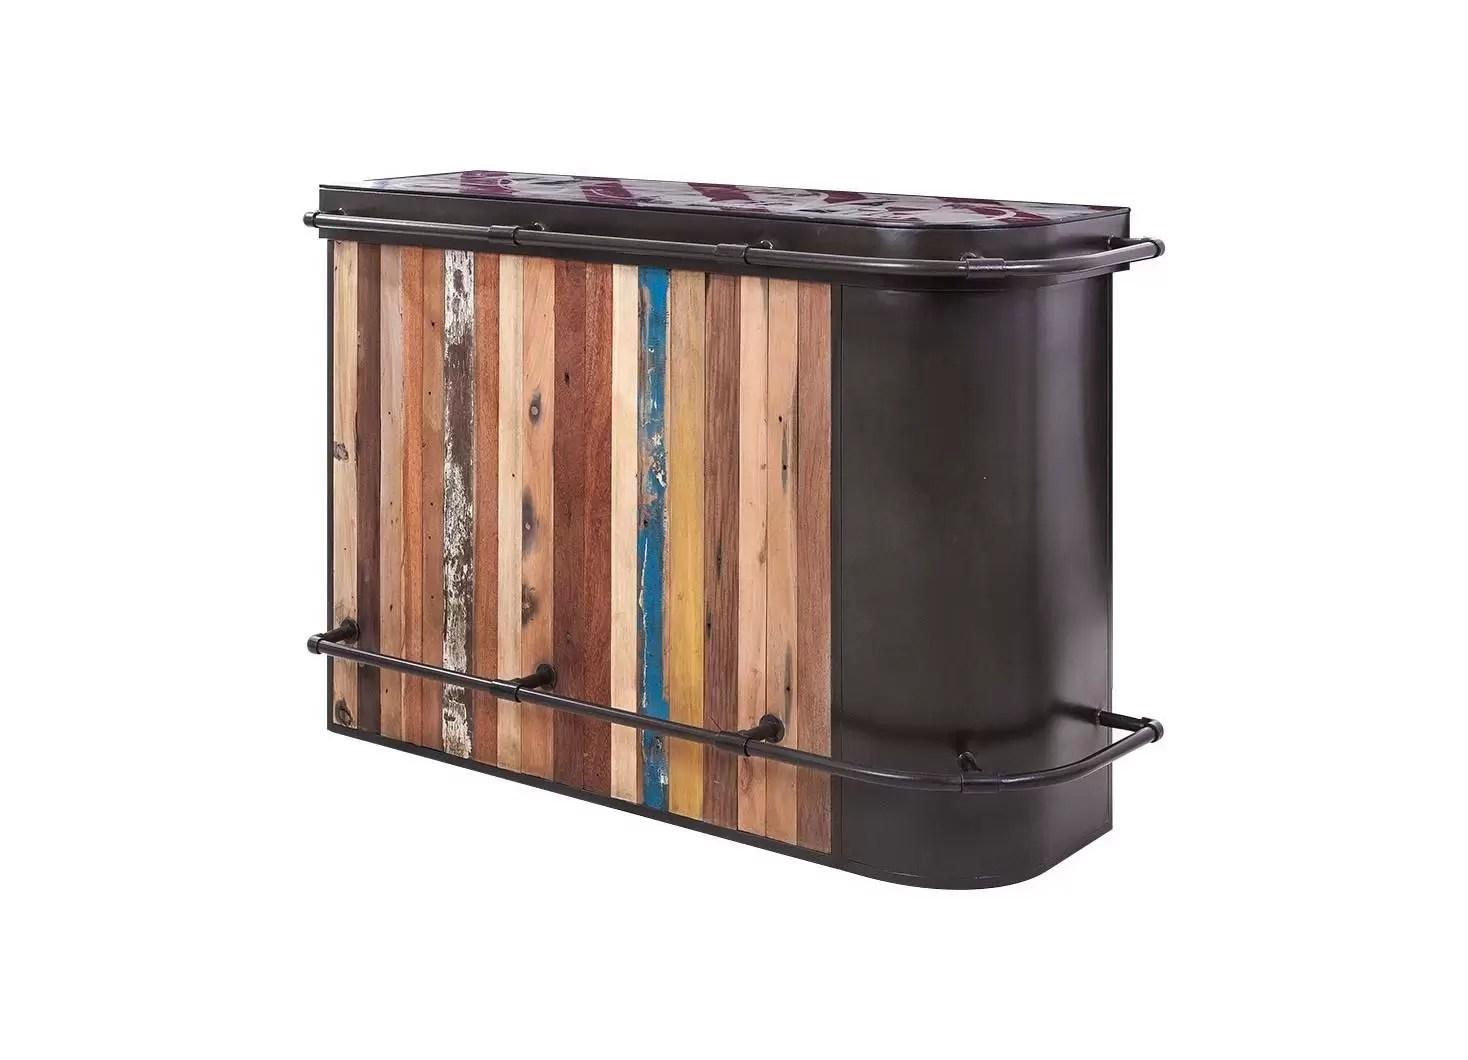 meuble bar comptoir symbiose avec angle a droite 3 tablettes